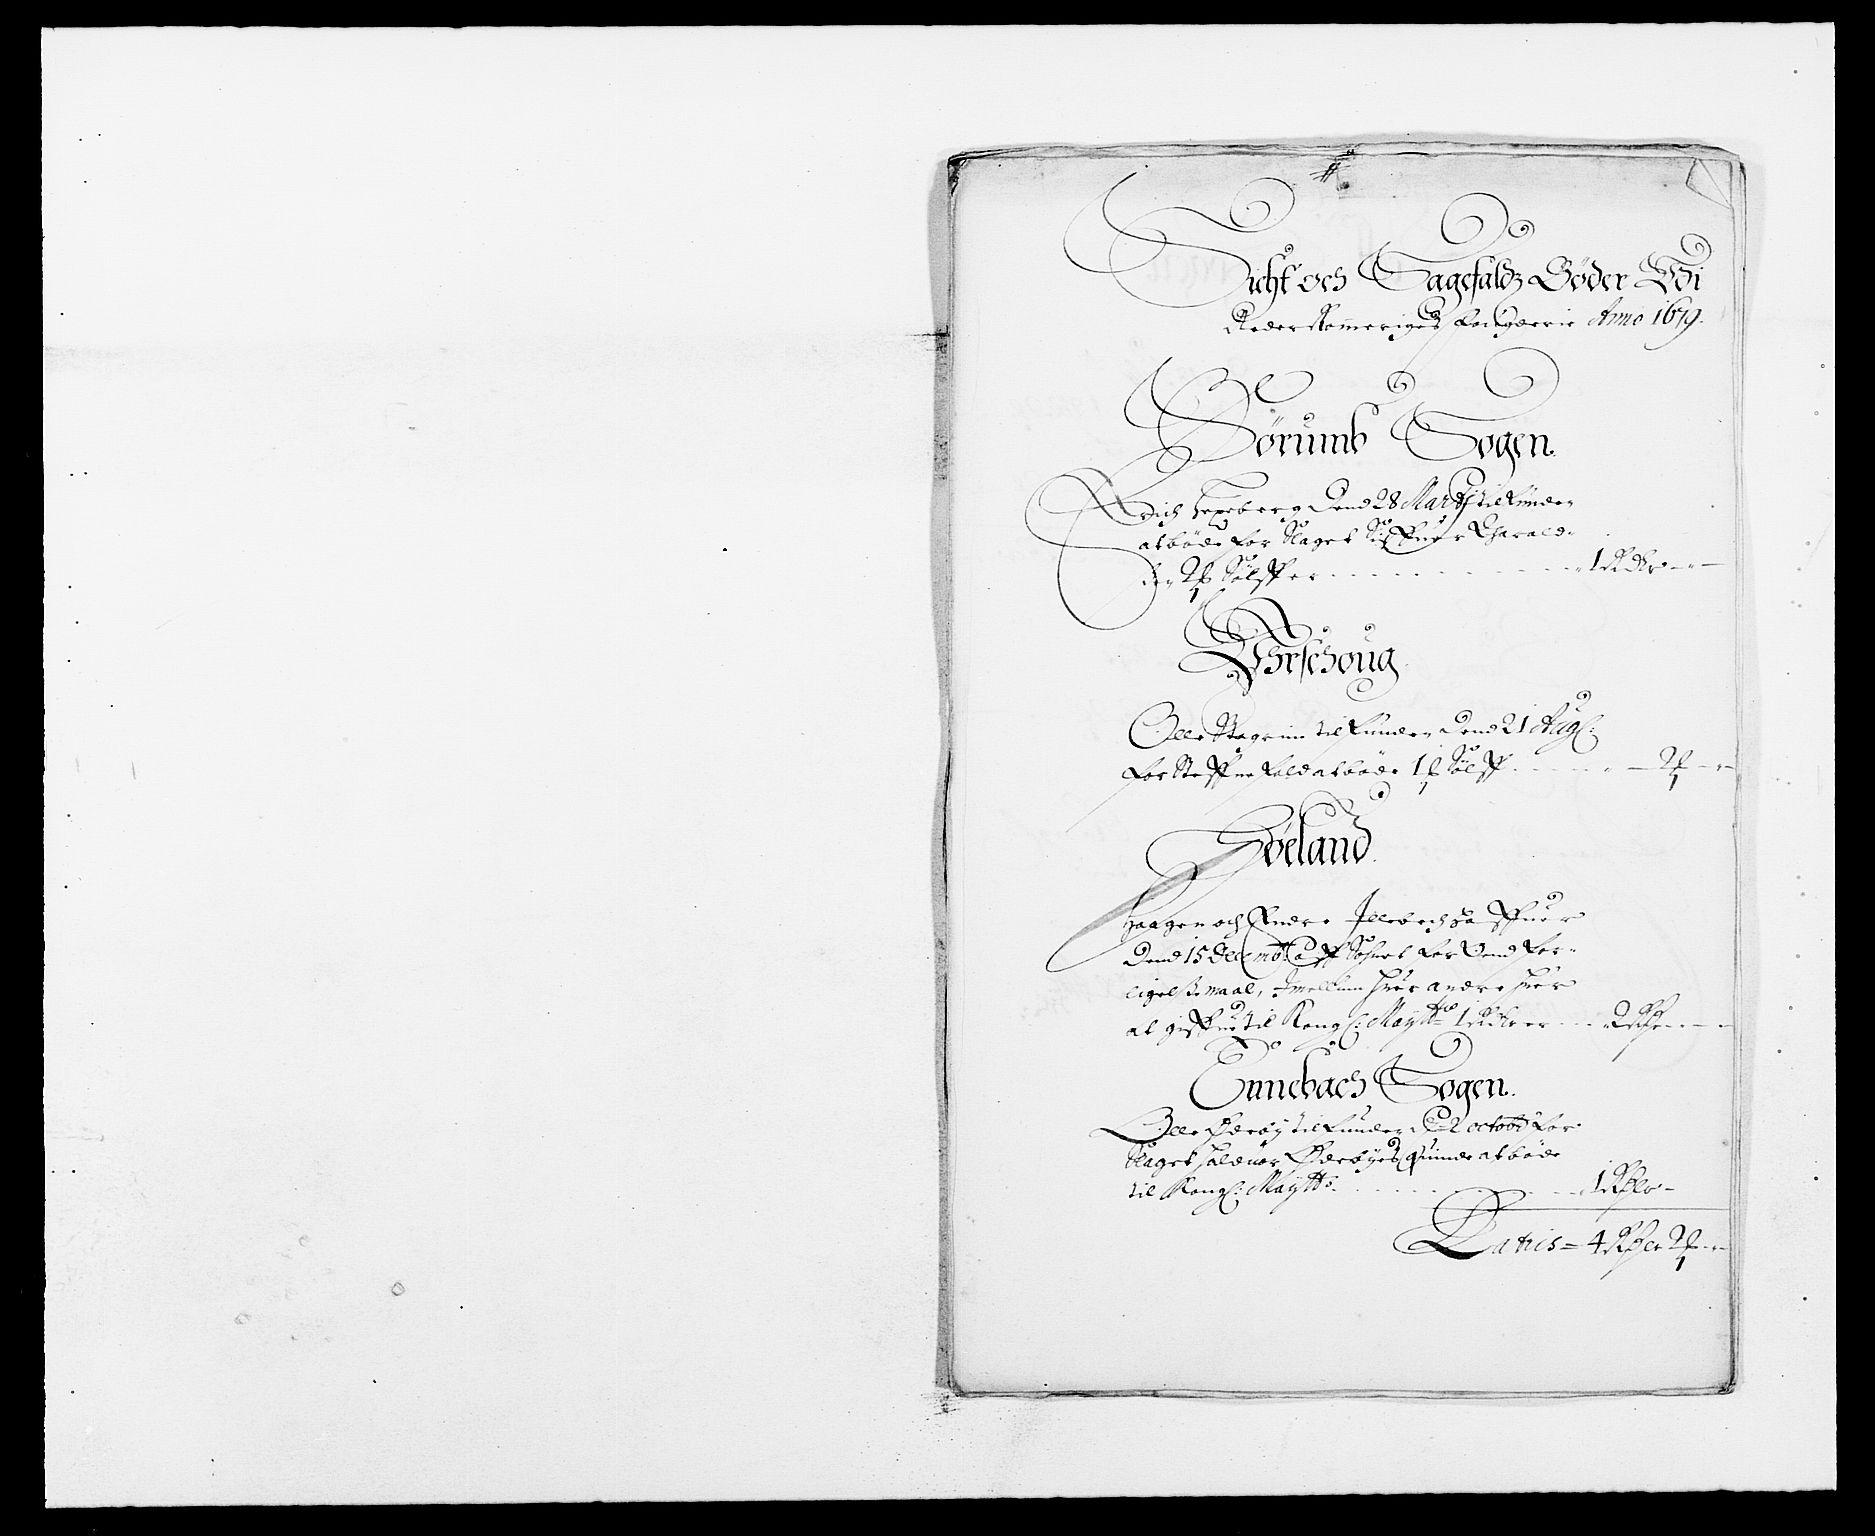 RA, Rentekammeret inntil 1814, Reviderte regnskaper, Fogderegnskap, R11/L0568: Fogderegnskap Nedre Romerike, 1679, s. 226